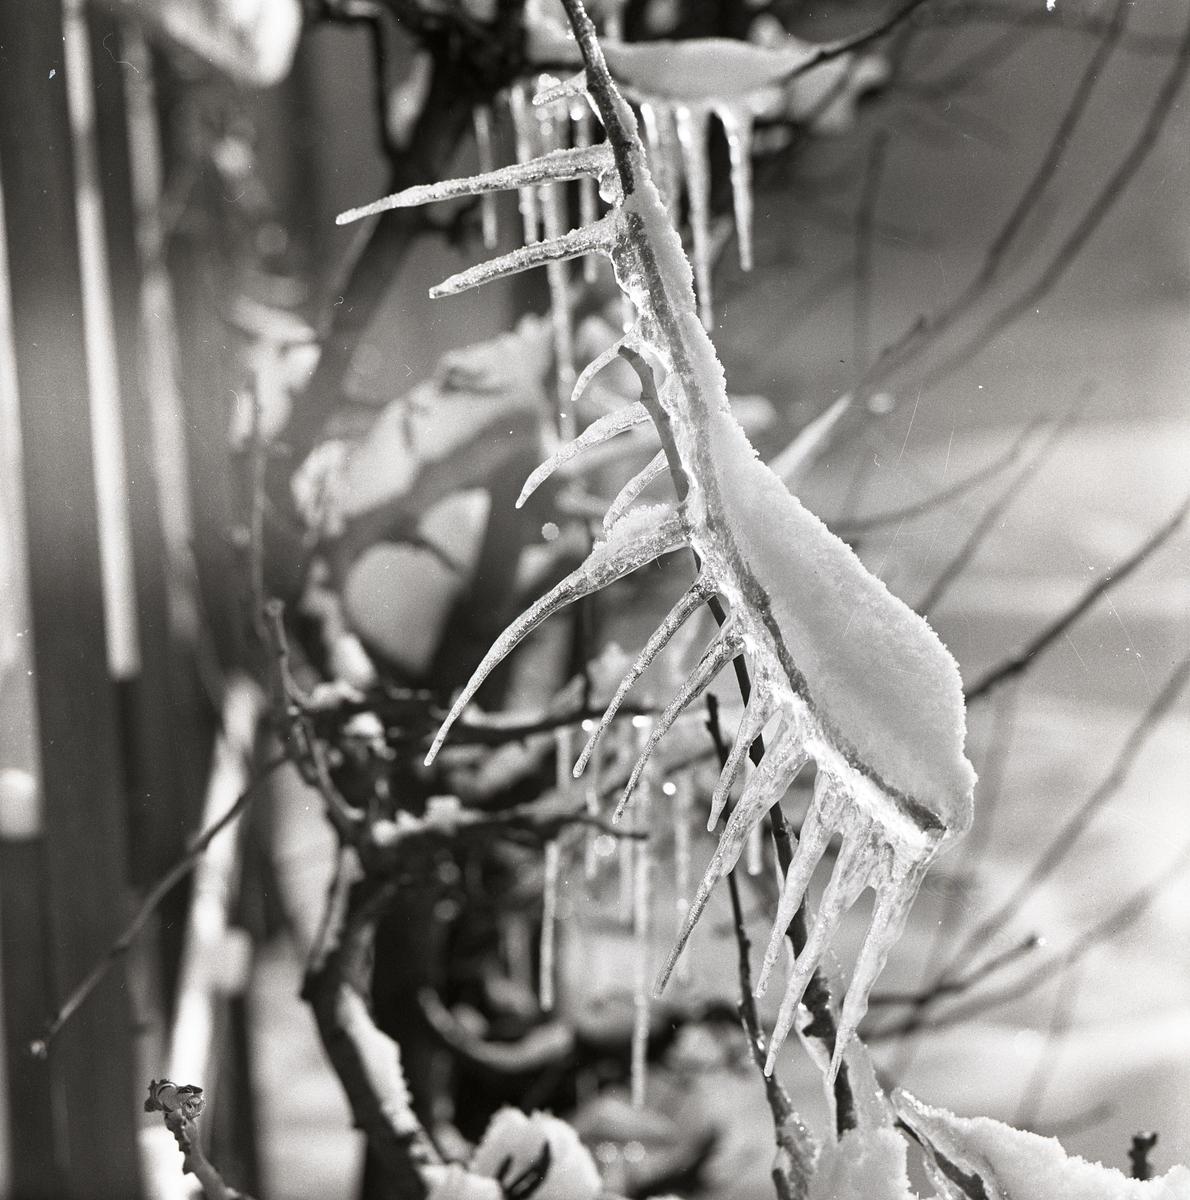 En kvist med hängande istappar i Västansjö, 1958.